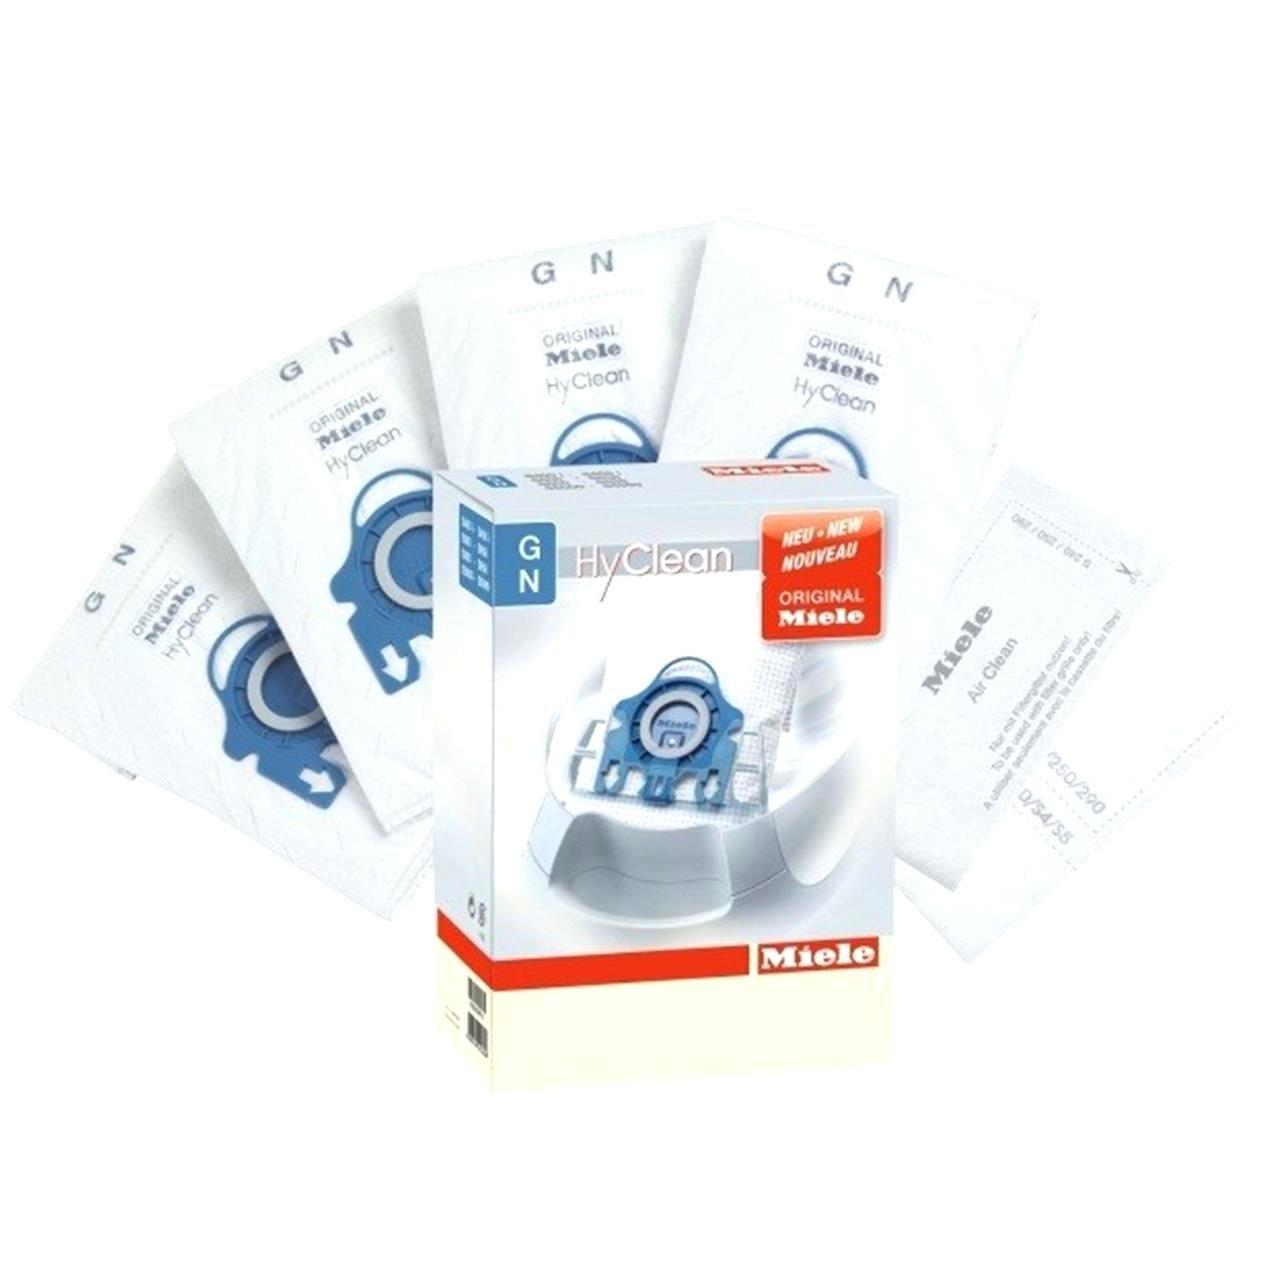 Miele GN Bags - AirClean 3D Efficiency Filter